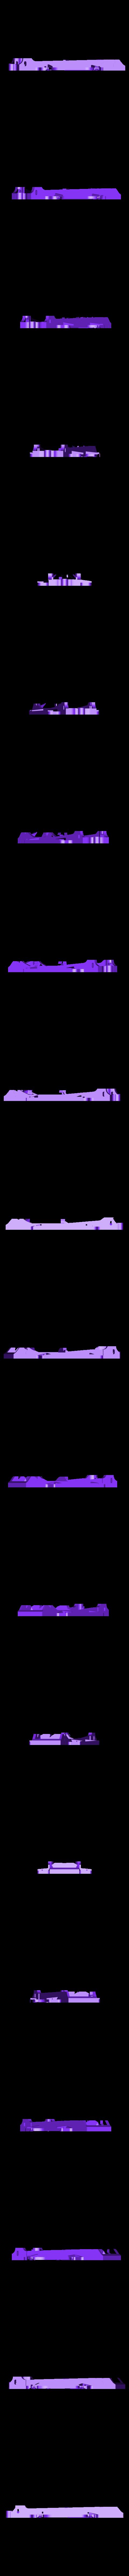 chassis_118mm_93empversion presentation.obj Download free OBJ file Base for JAGUAR MK VII - slot car 1:32 • 3D printer model, SlotED